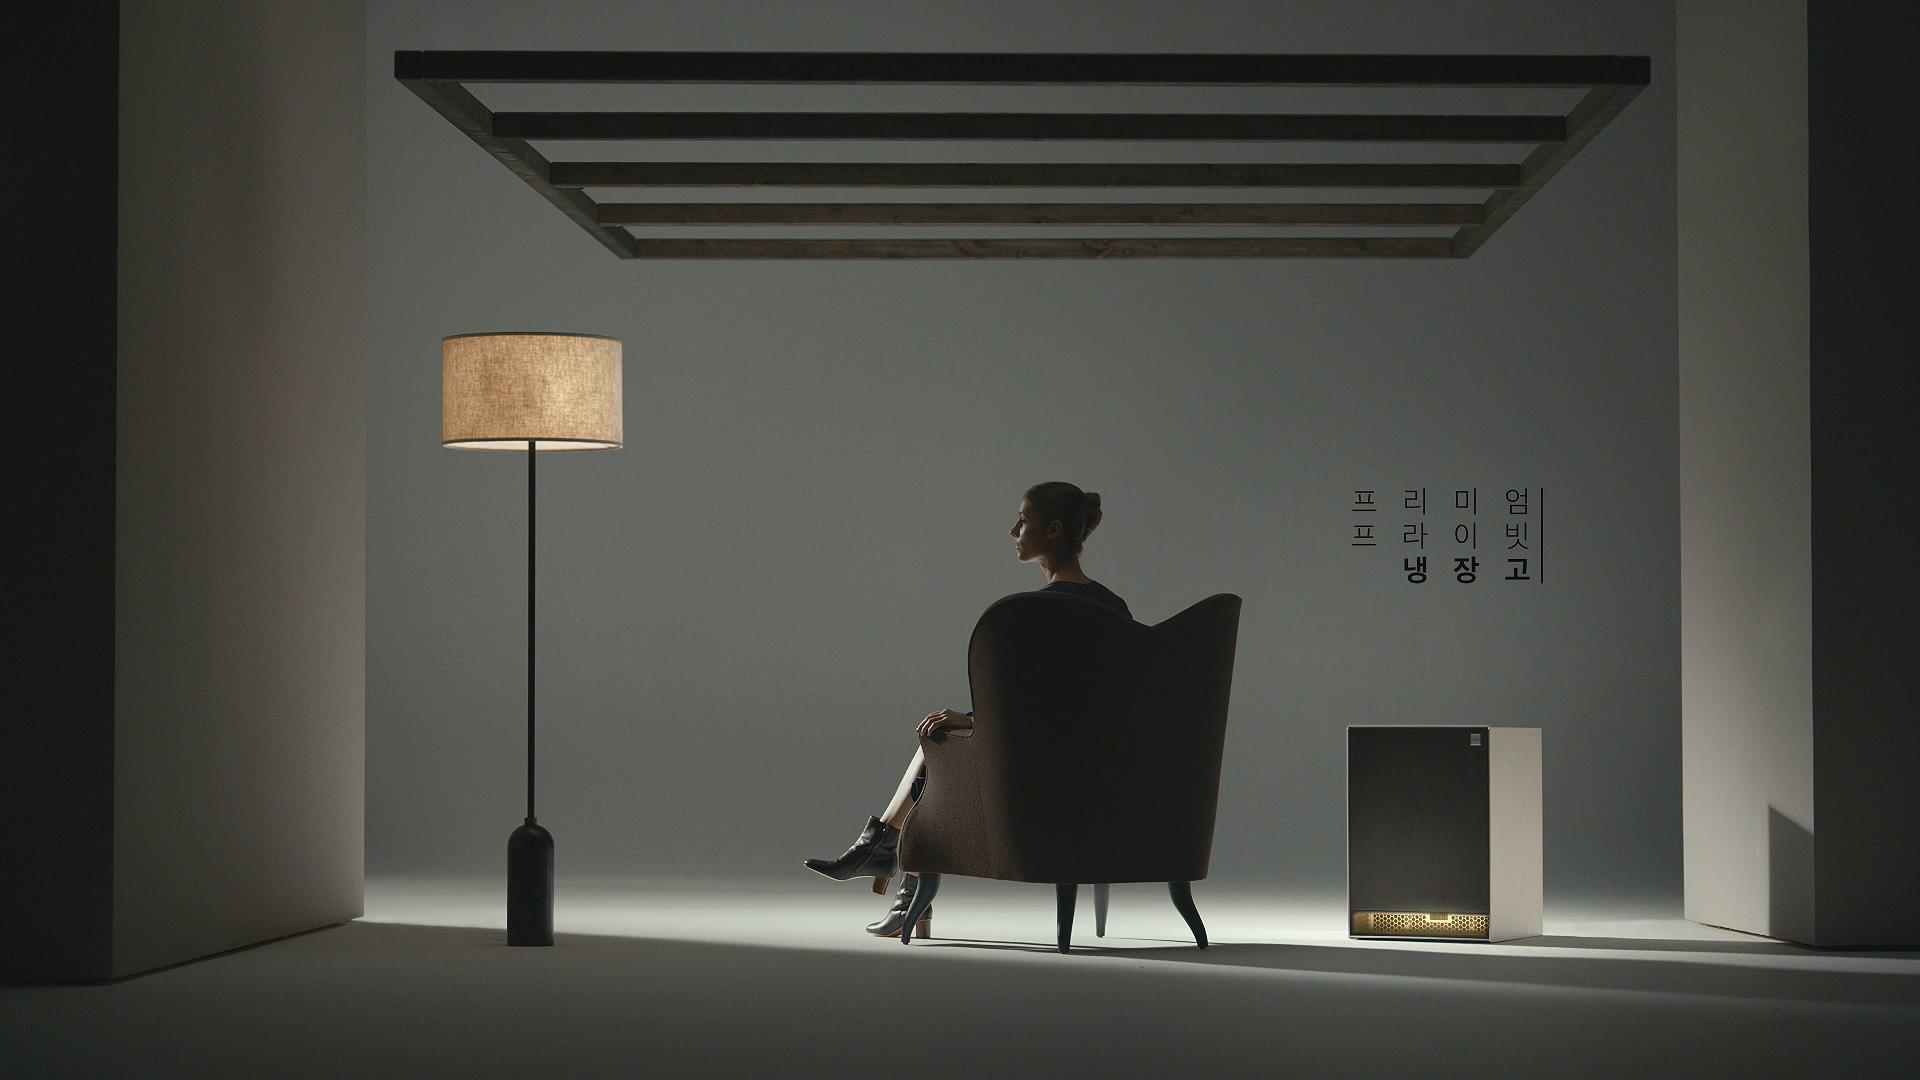 프리미엄 프라이빗 가전 'LG 오브제' 절제미 돋보이는 TV 광고 온에어